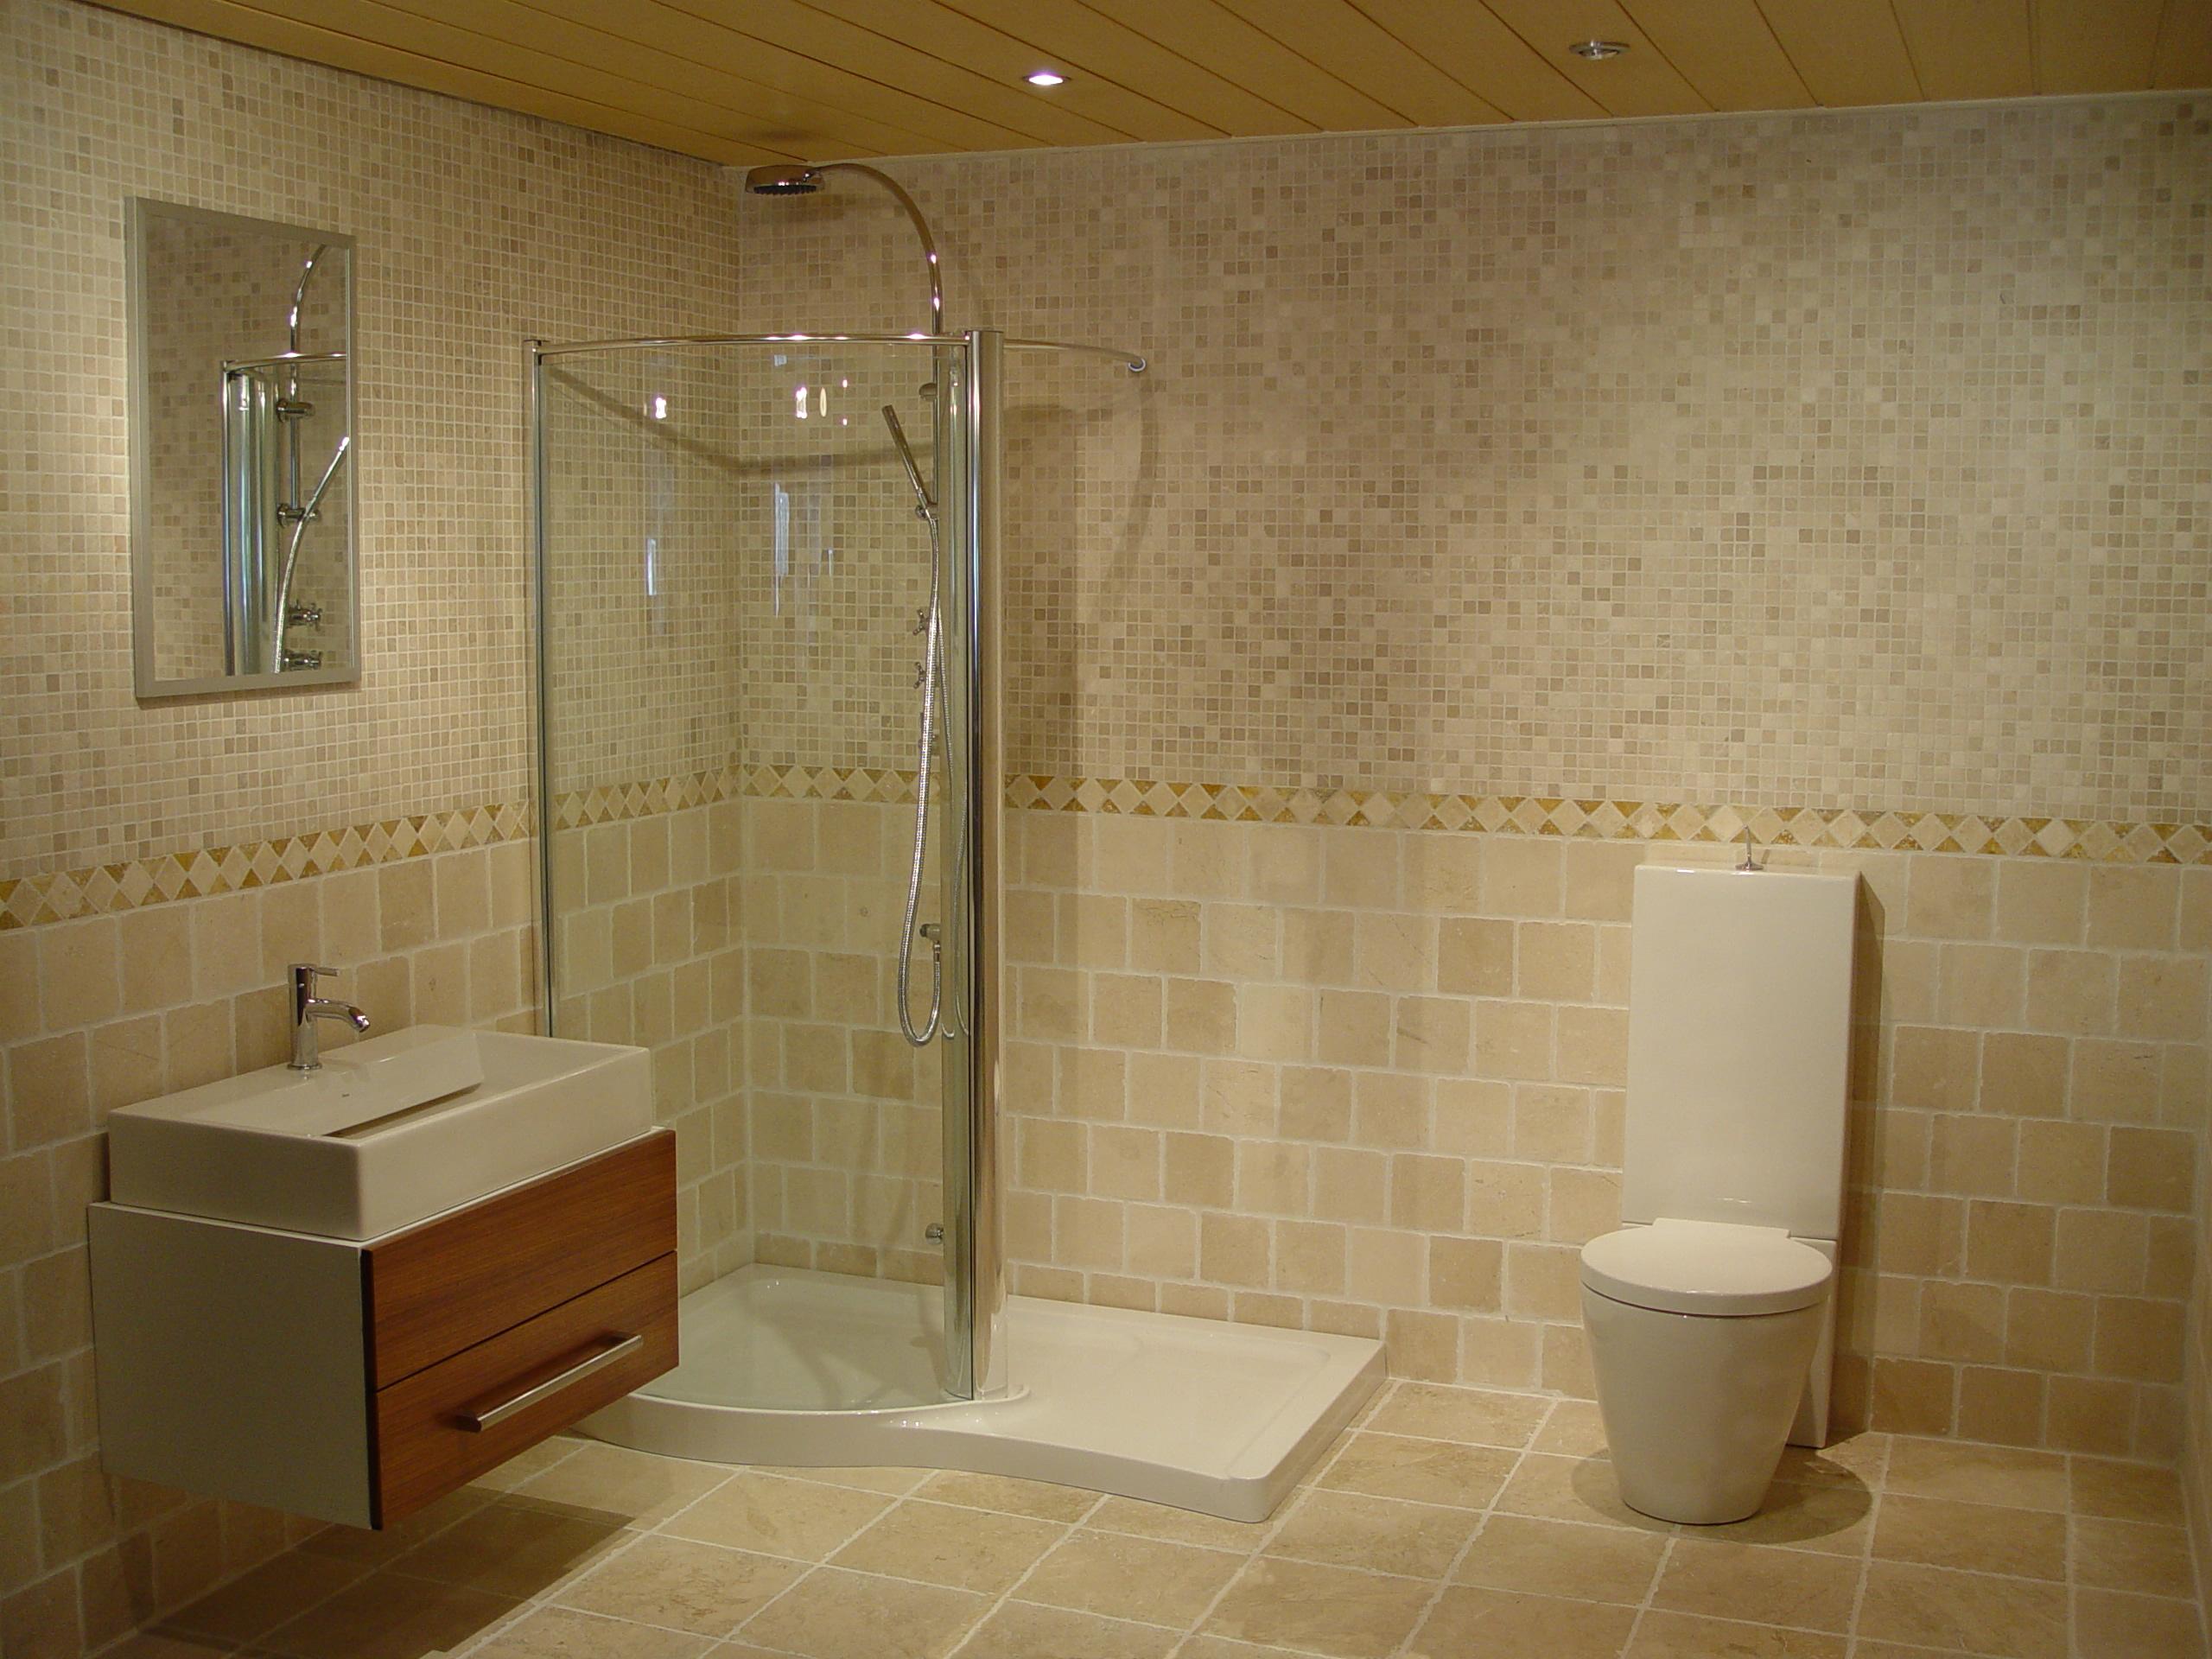 bathroom ideas for small bathrooms photo - 1